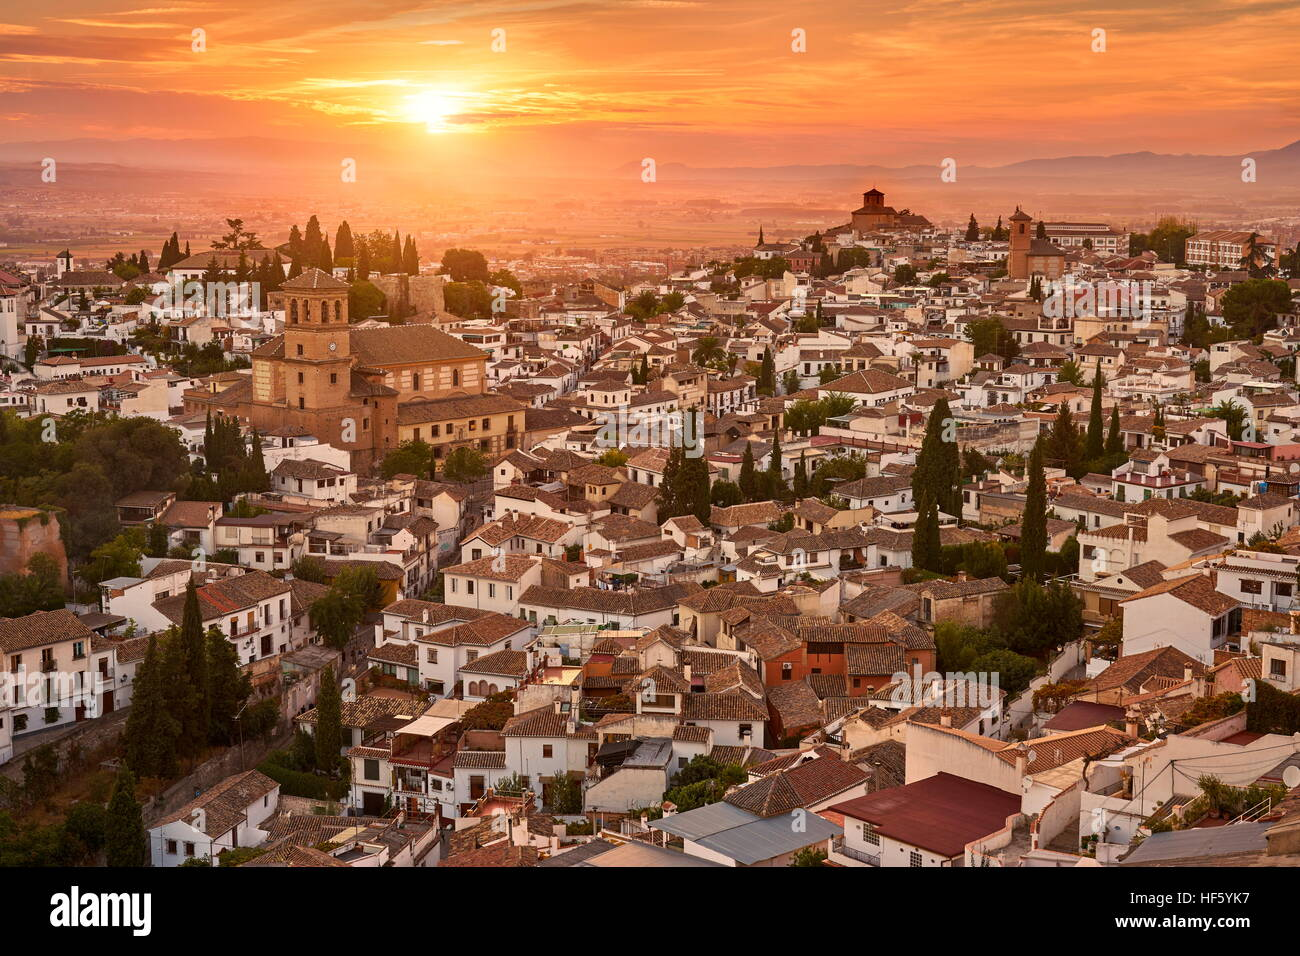 Sonnenuntergang Stadtbild von Granada, Andalusien, Spanien Stockfoto